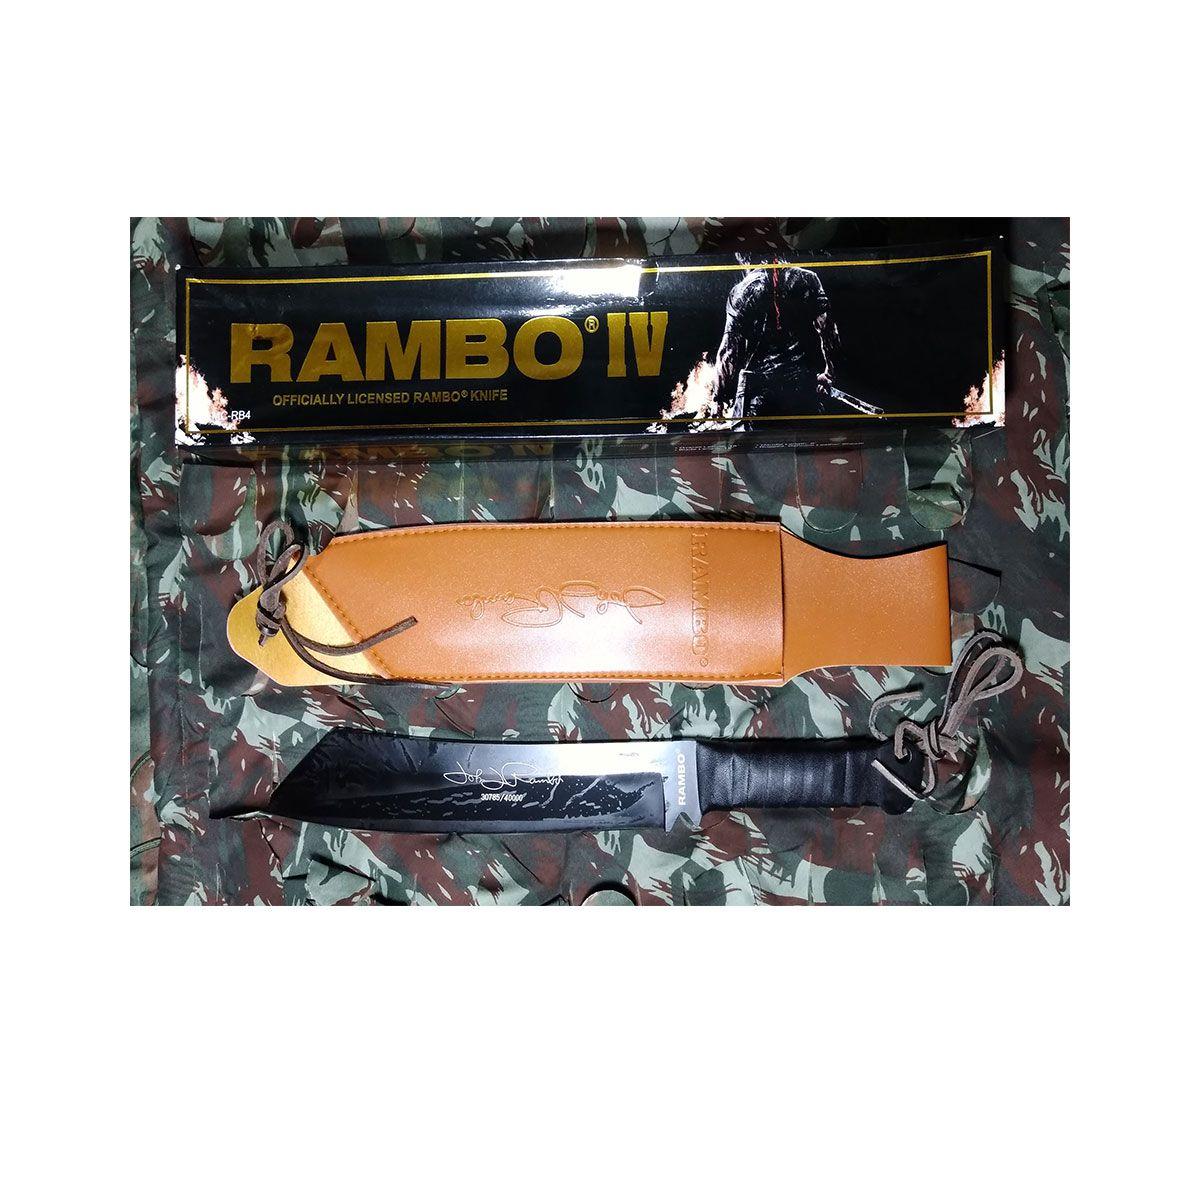 KIT FACAS RAMBO COM TODAS AS 4 FACAS  1-2-3-4